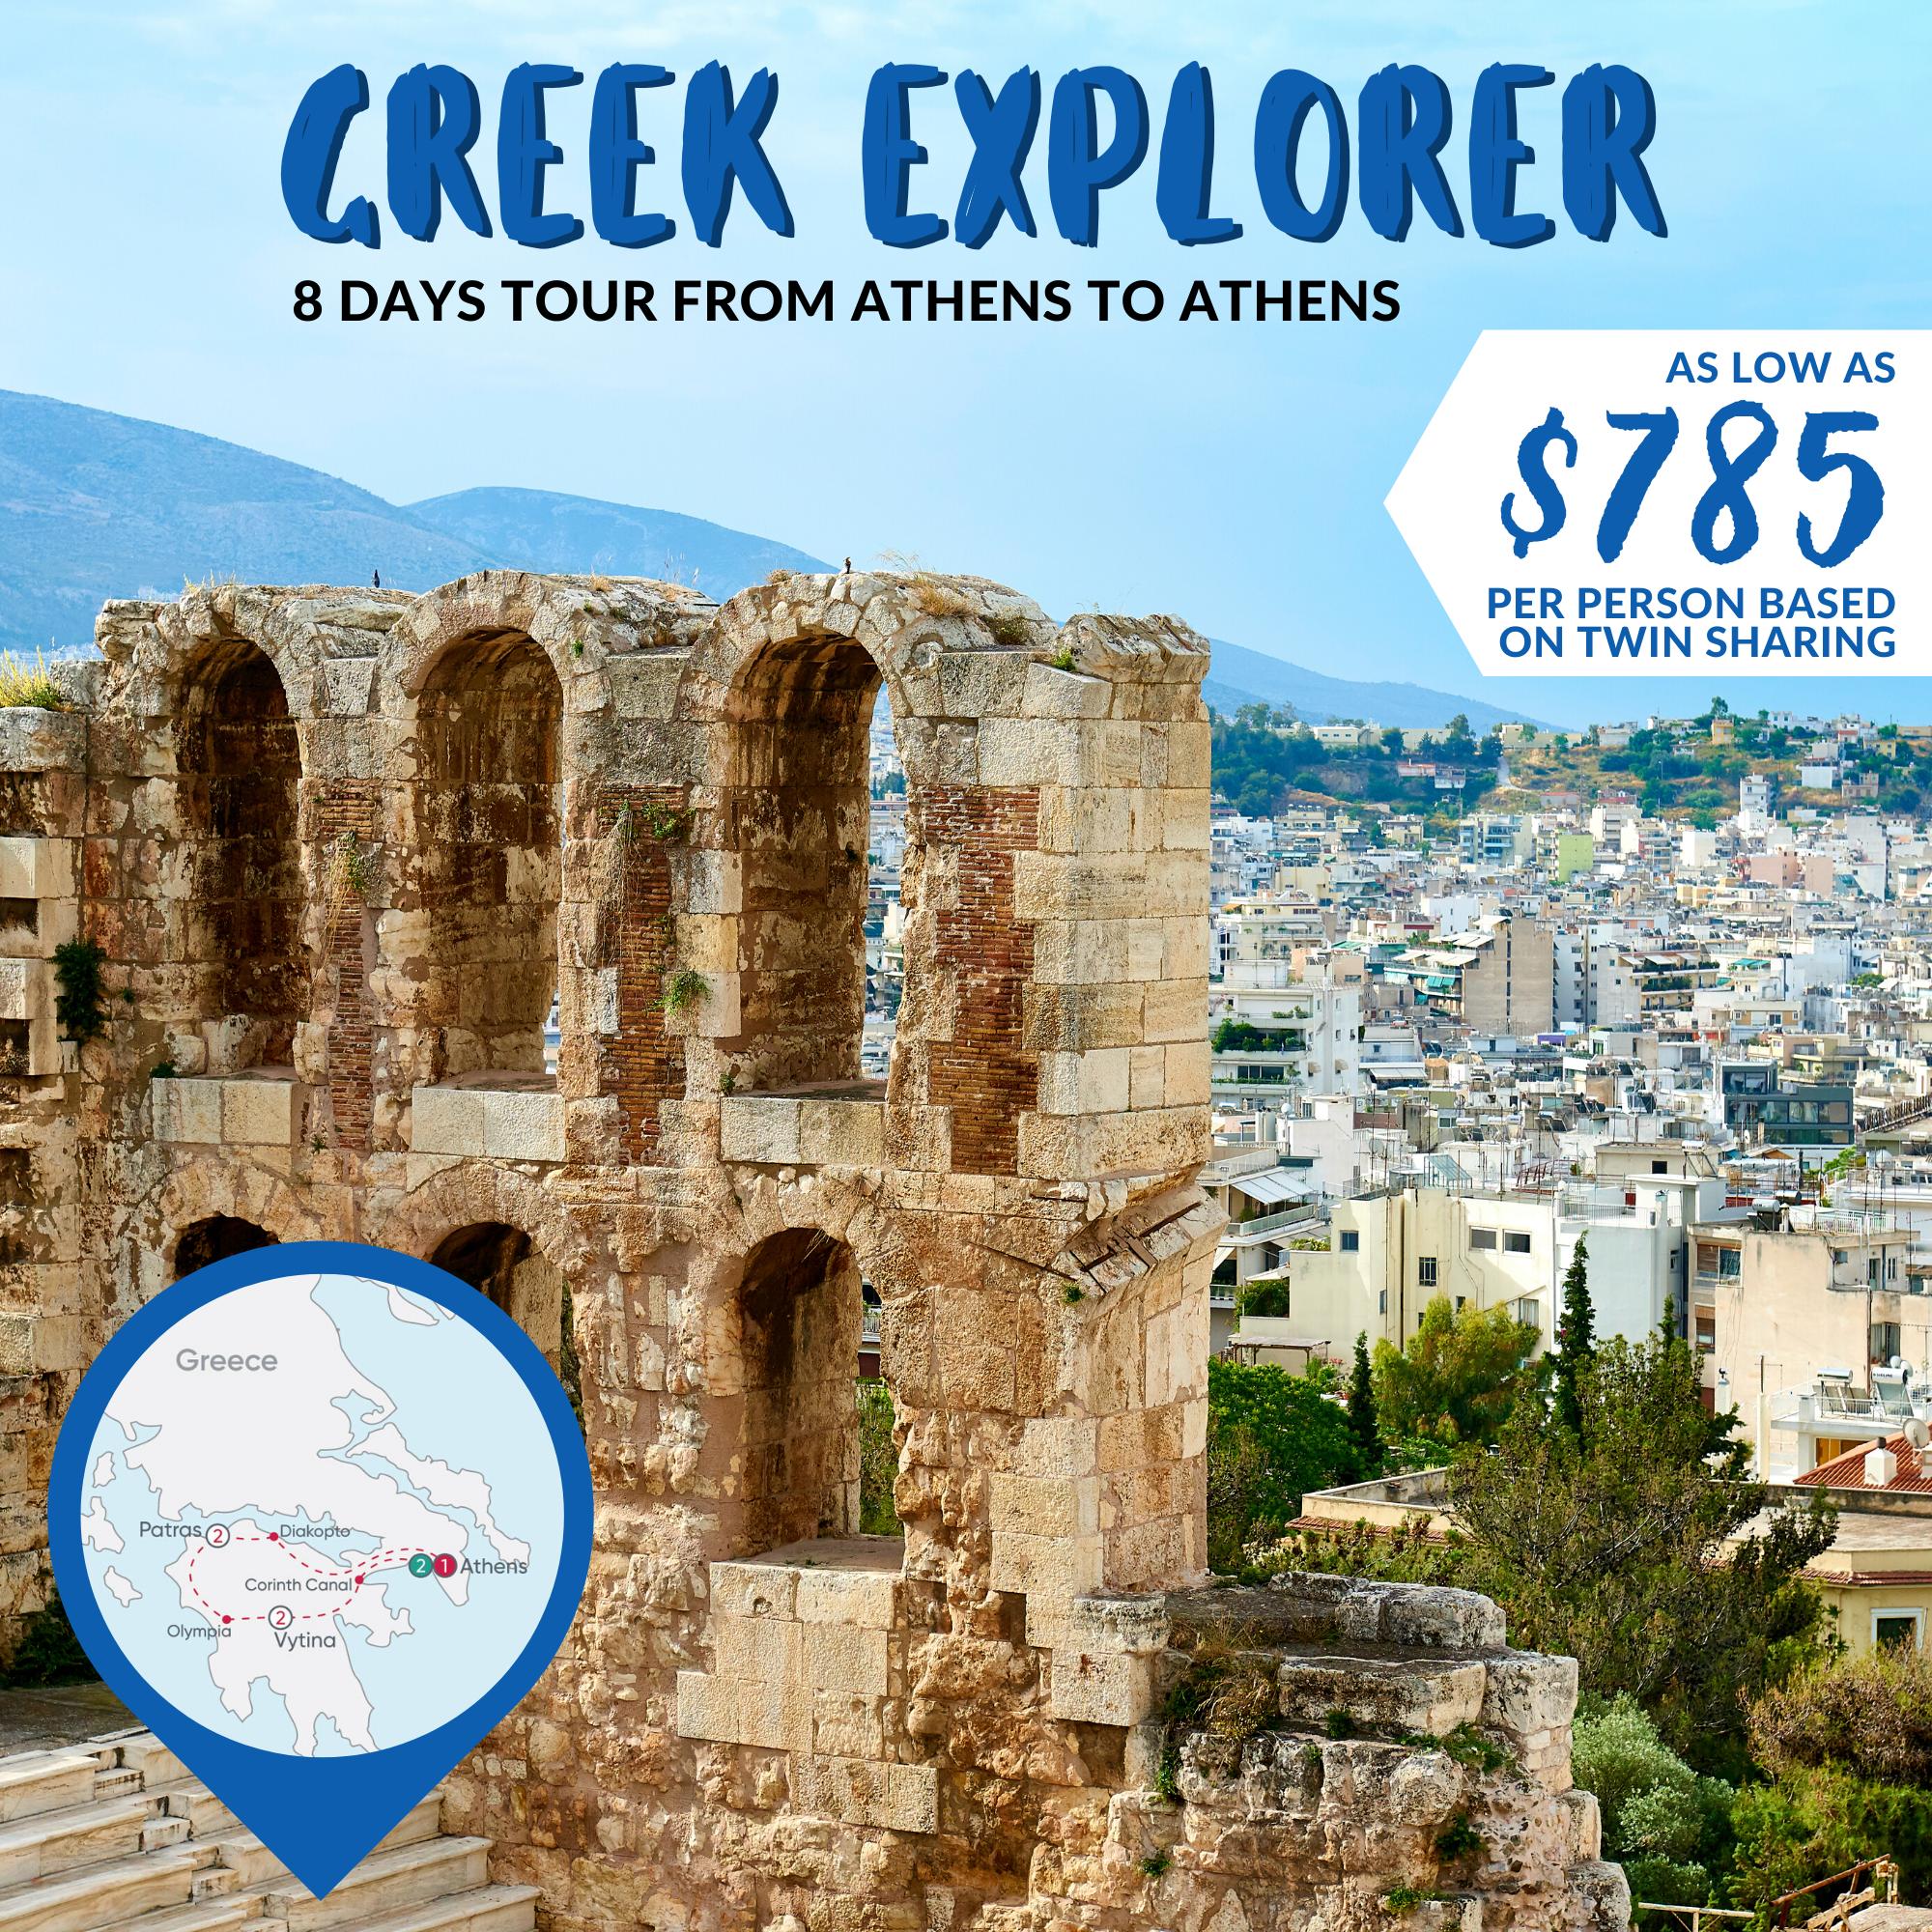 Greek Explorer